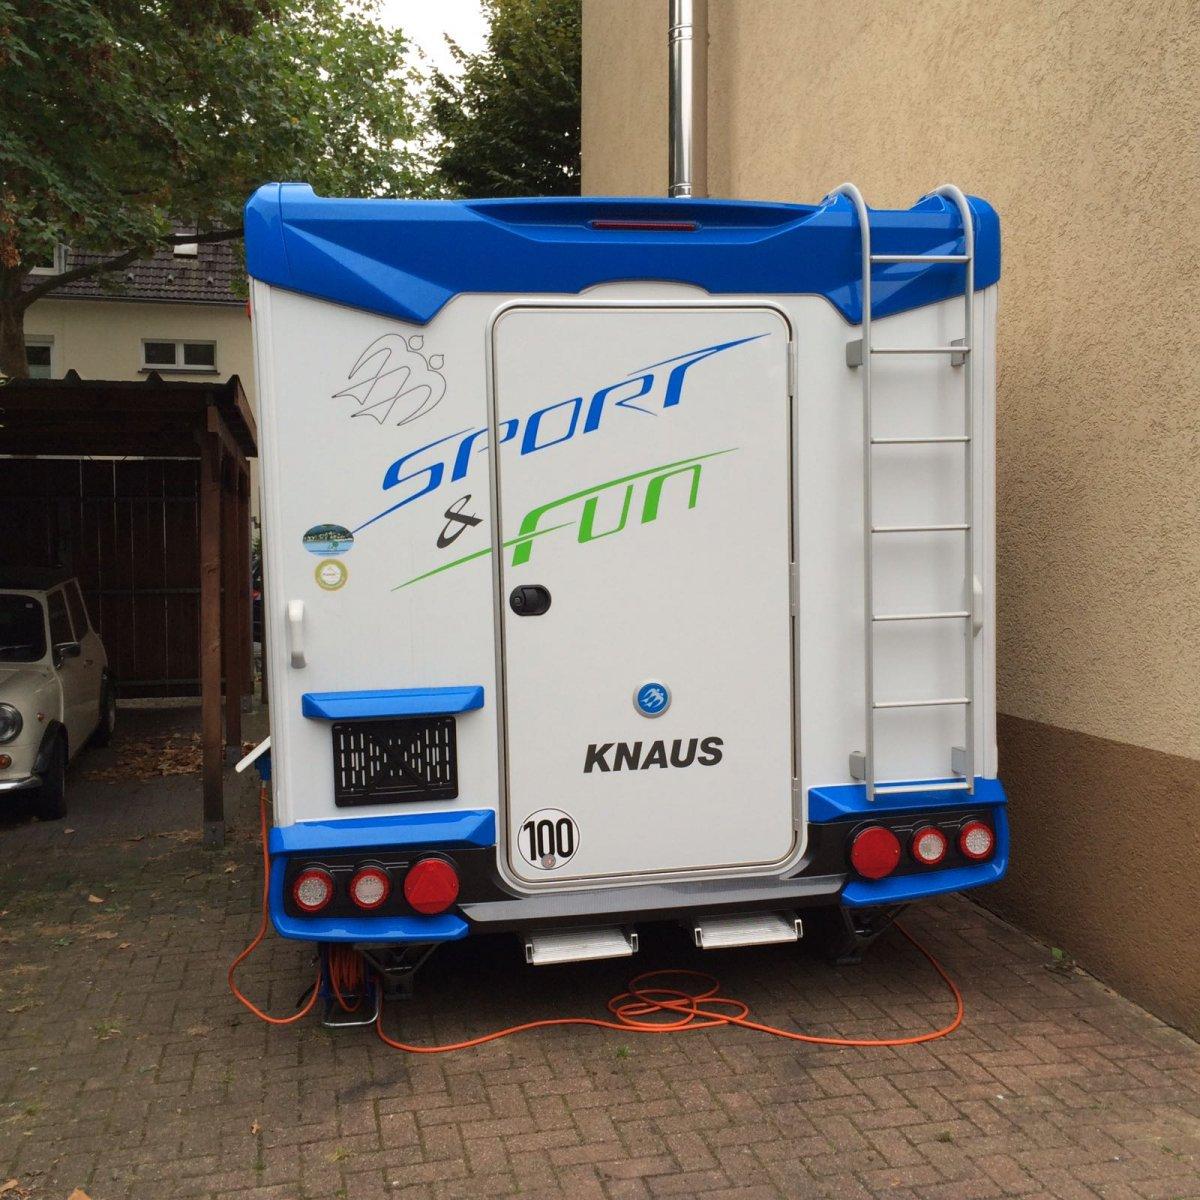 motorradtransport im wohnwagen transport von motorrad und gep ck z1000. Black Bedroom Furniture Sets. Home Design Ideas